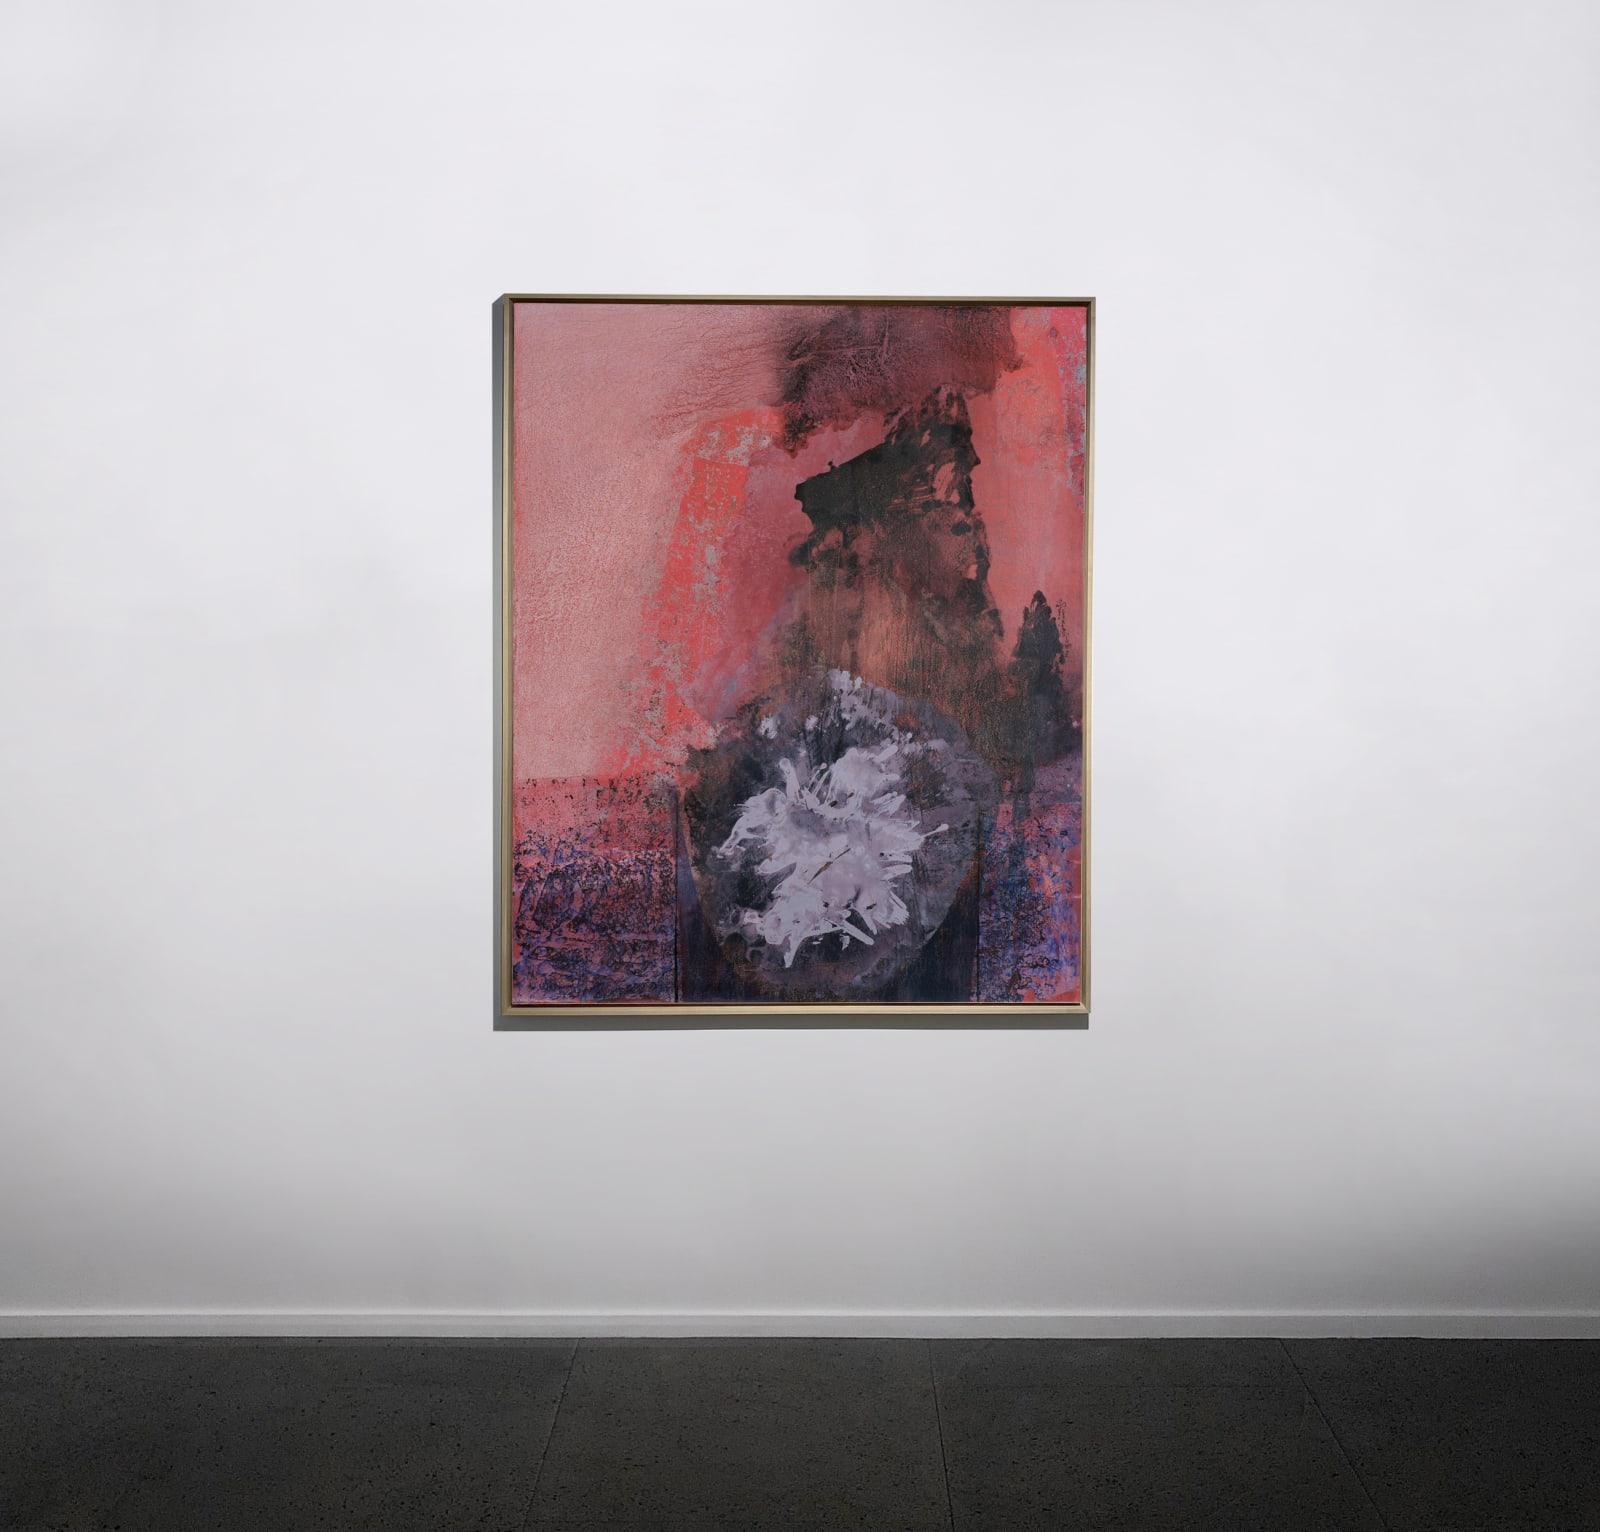 Fong Chung-Ray 馮鍾睿, 00-33, 2000